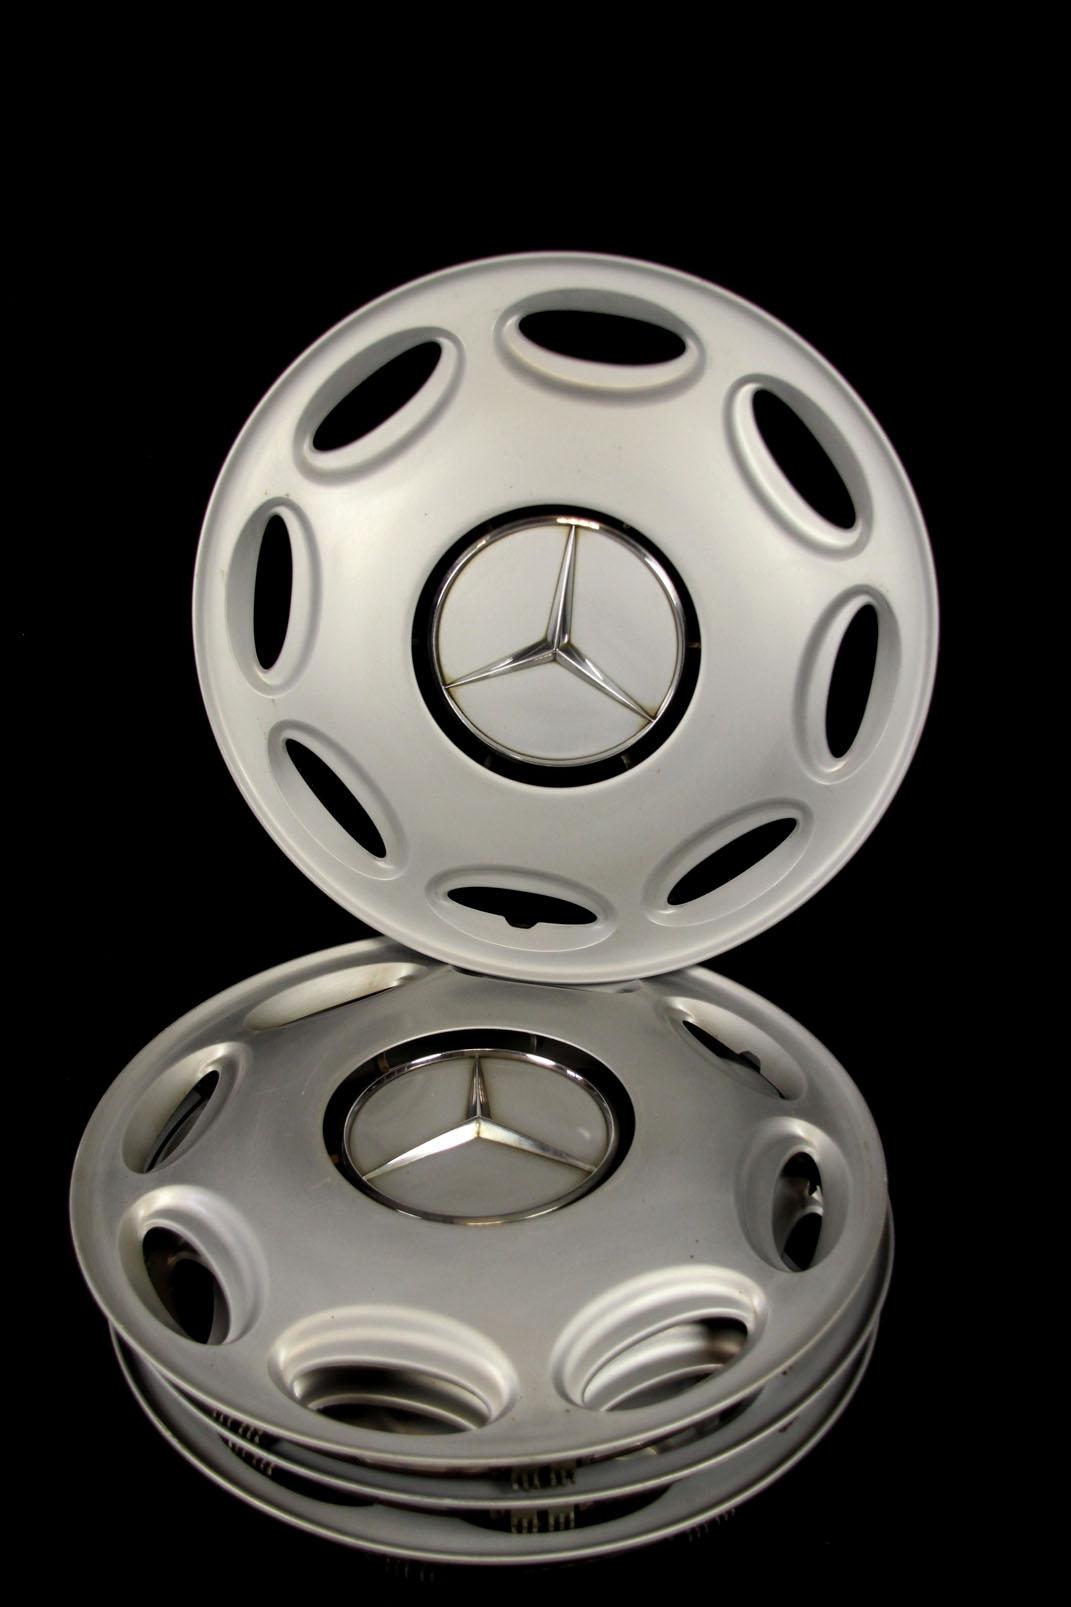 4 orig mercedes benz 15 zoll radzierblenden mit emblem. Black Bedroom Furniture Sets. Home Design Ideas